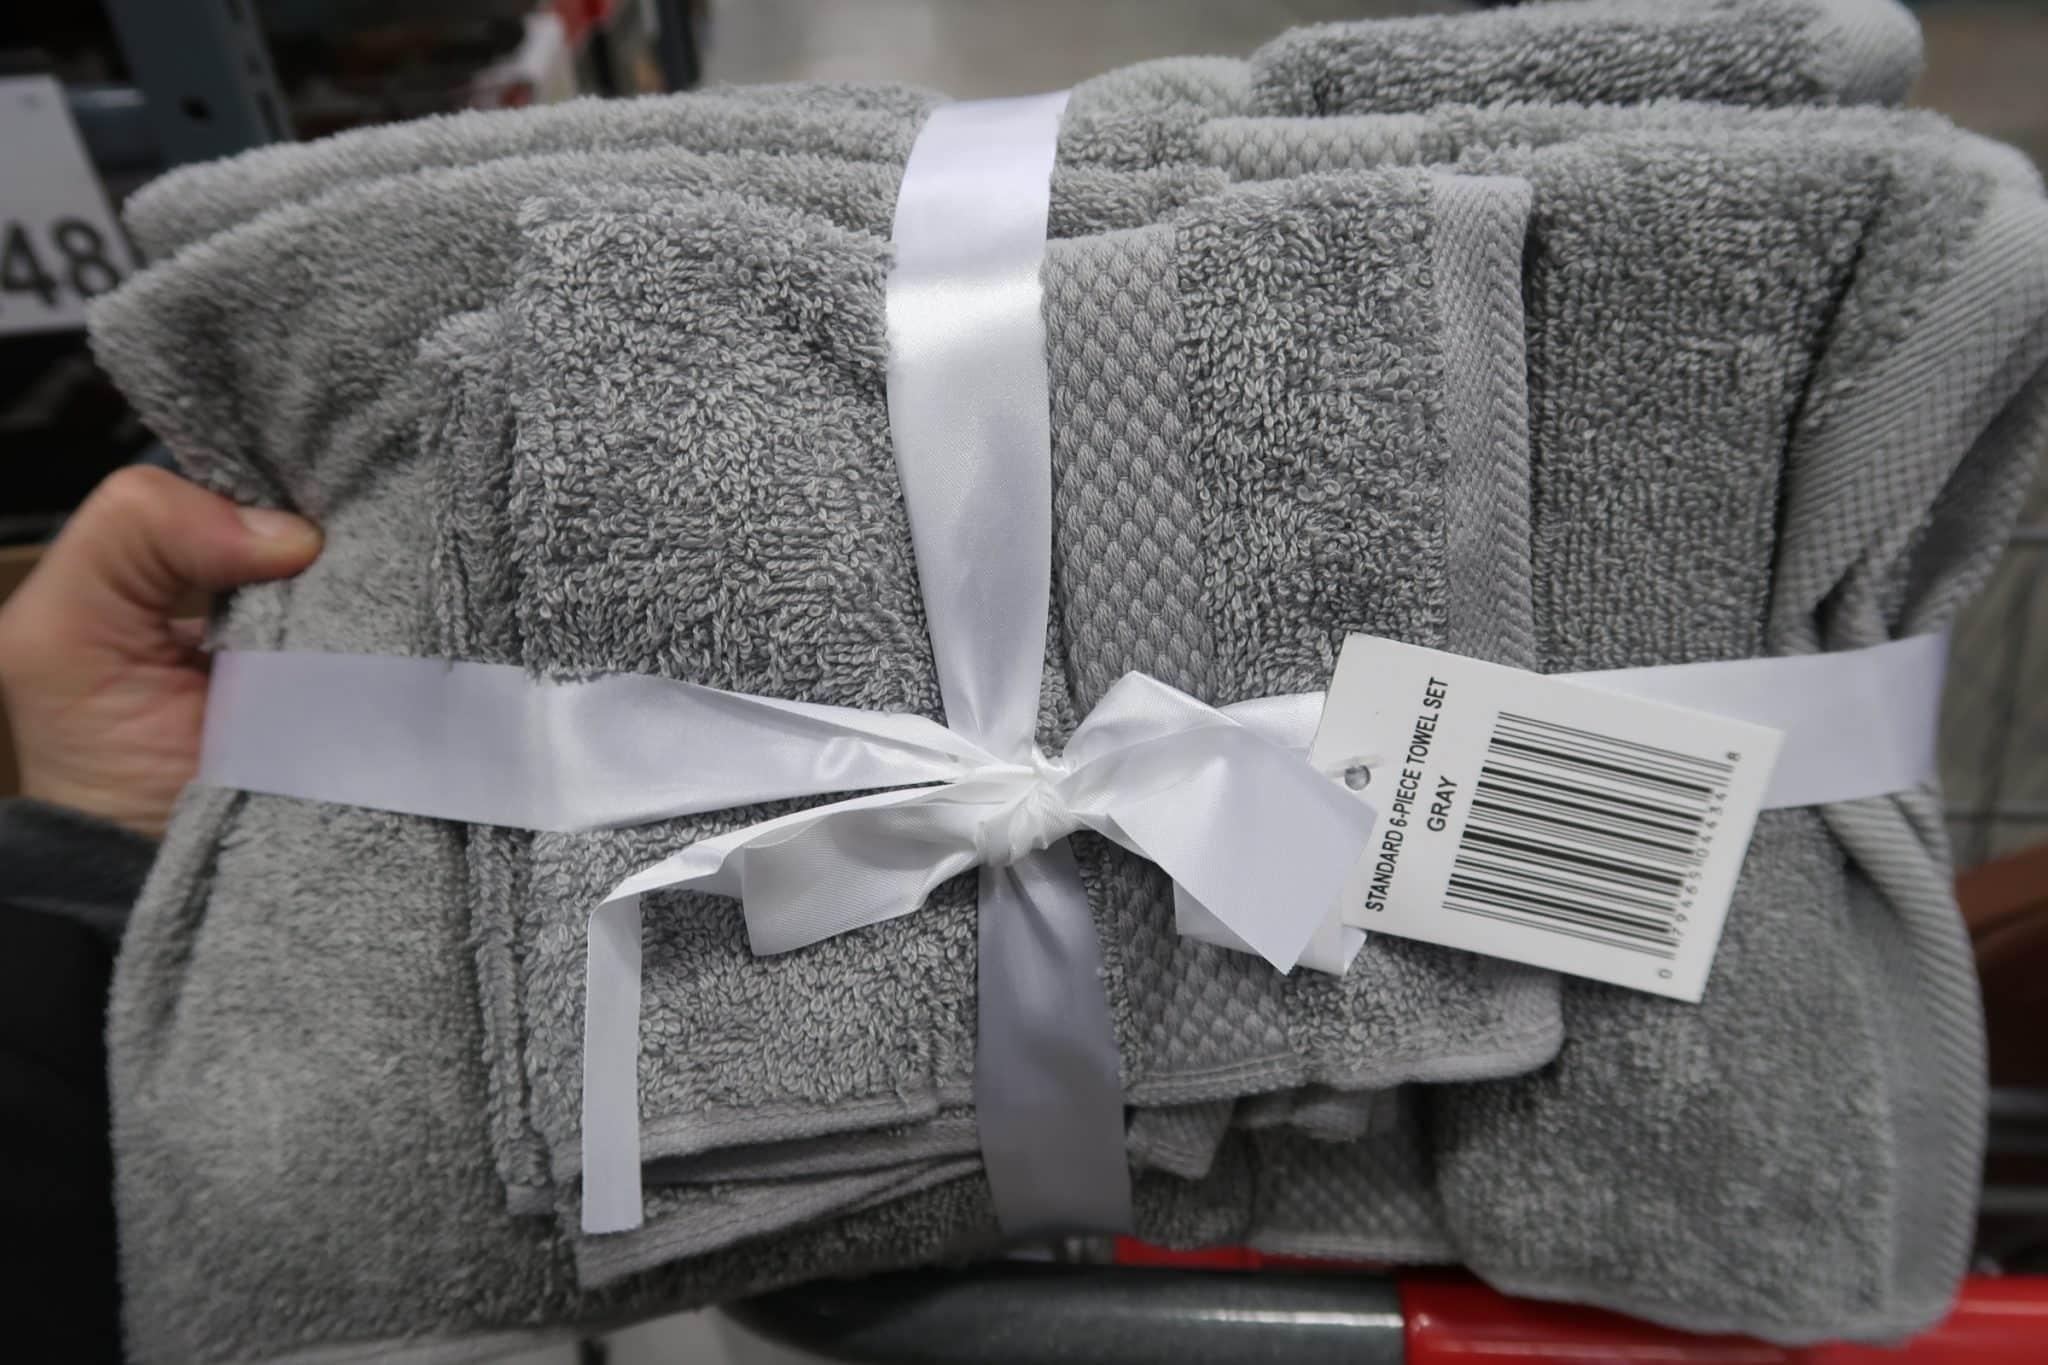 6 Pc. Bath Towel Set ONLY $4.48